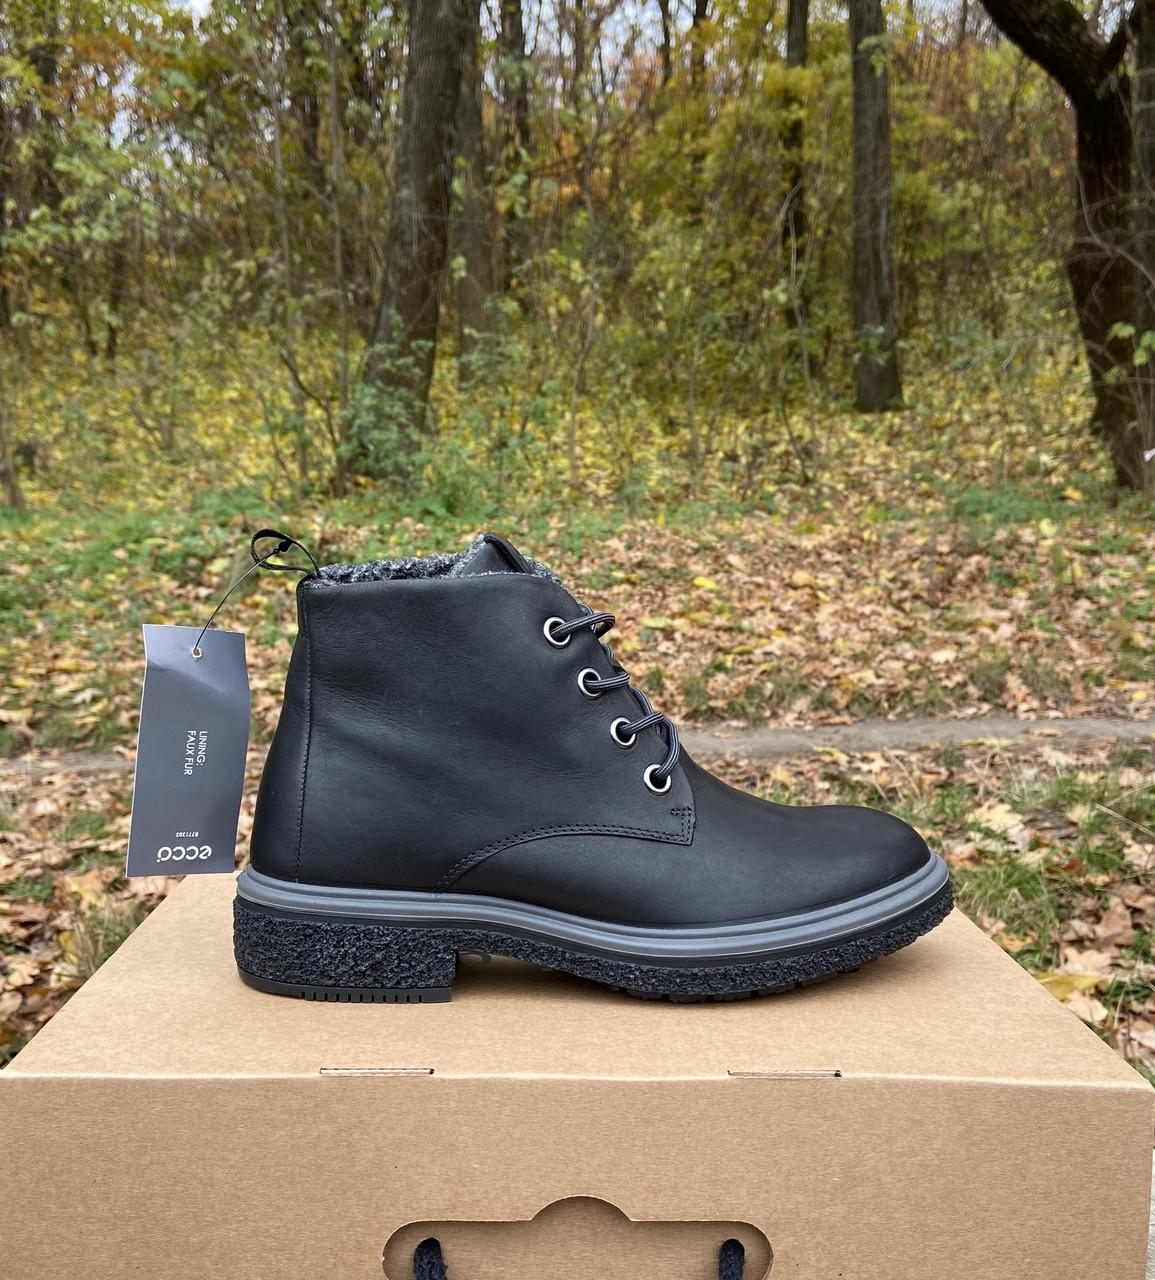 Женские зимние ботинки Ecco оригинал натуральная кожа 41